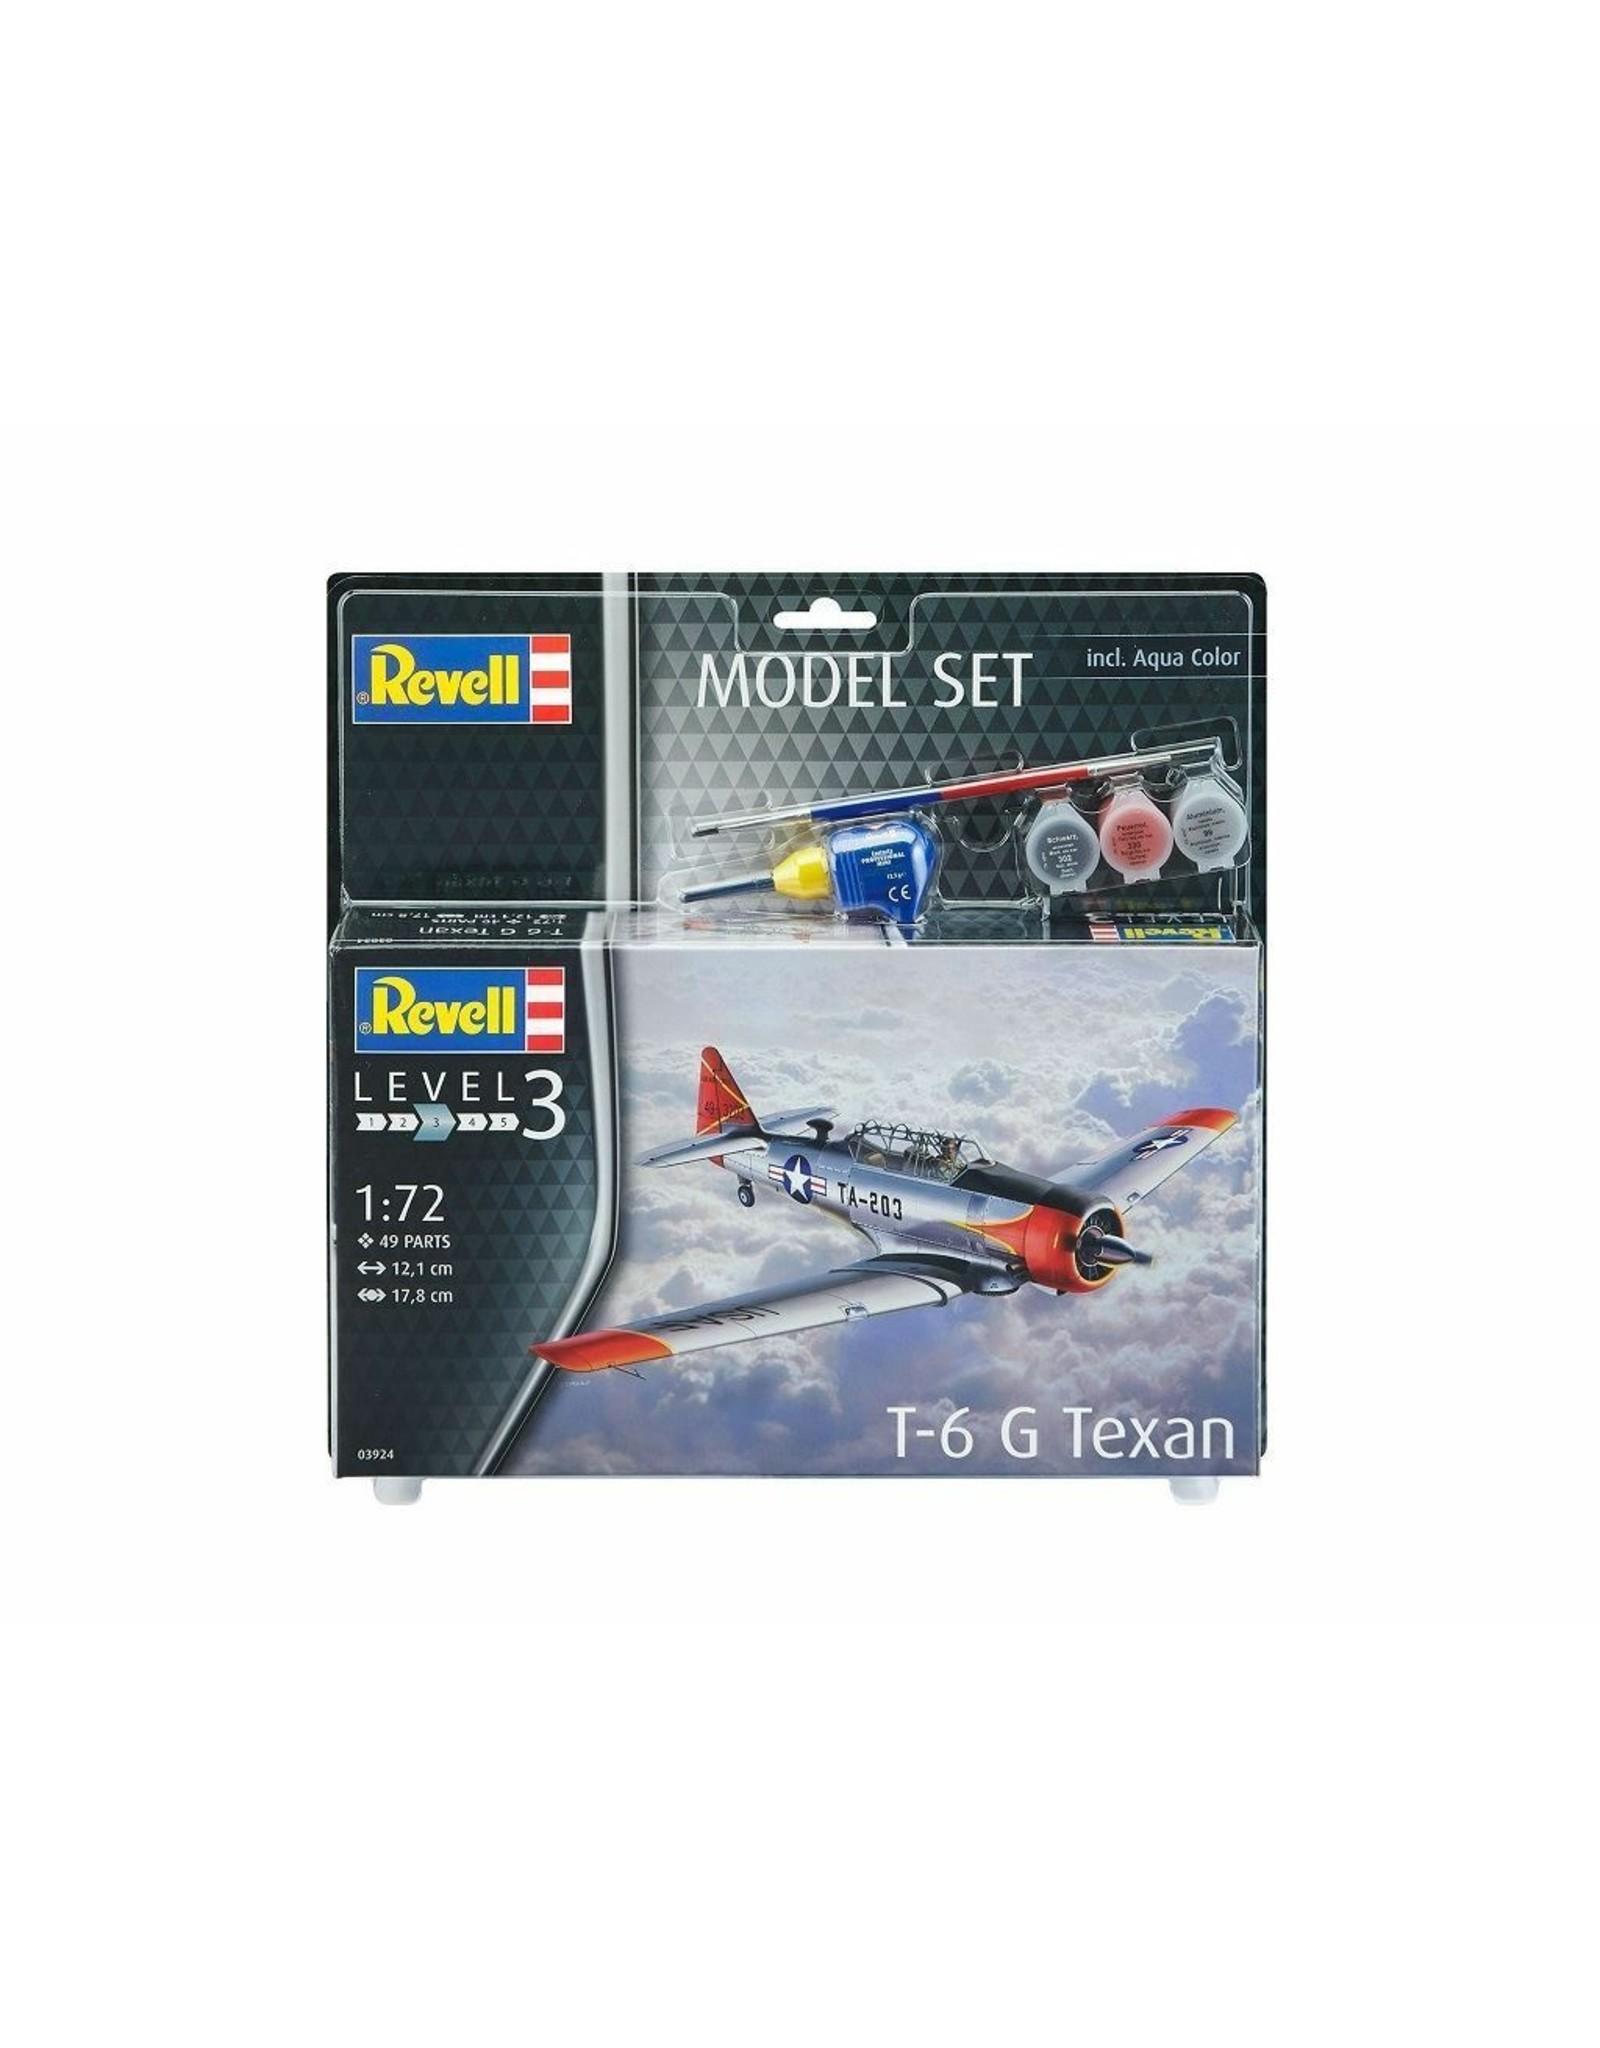 T-6 G Texan + Aqua Color - 1:72 - Revell